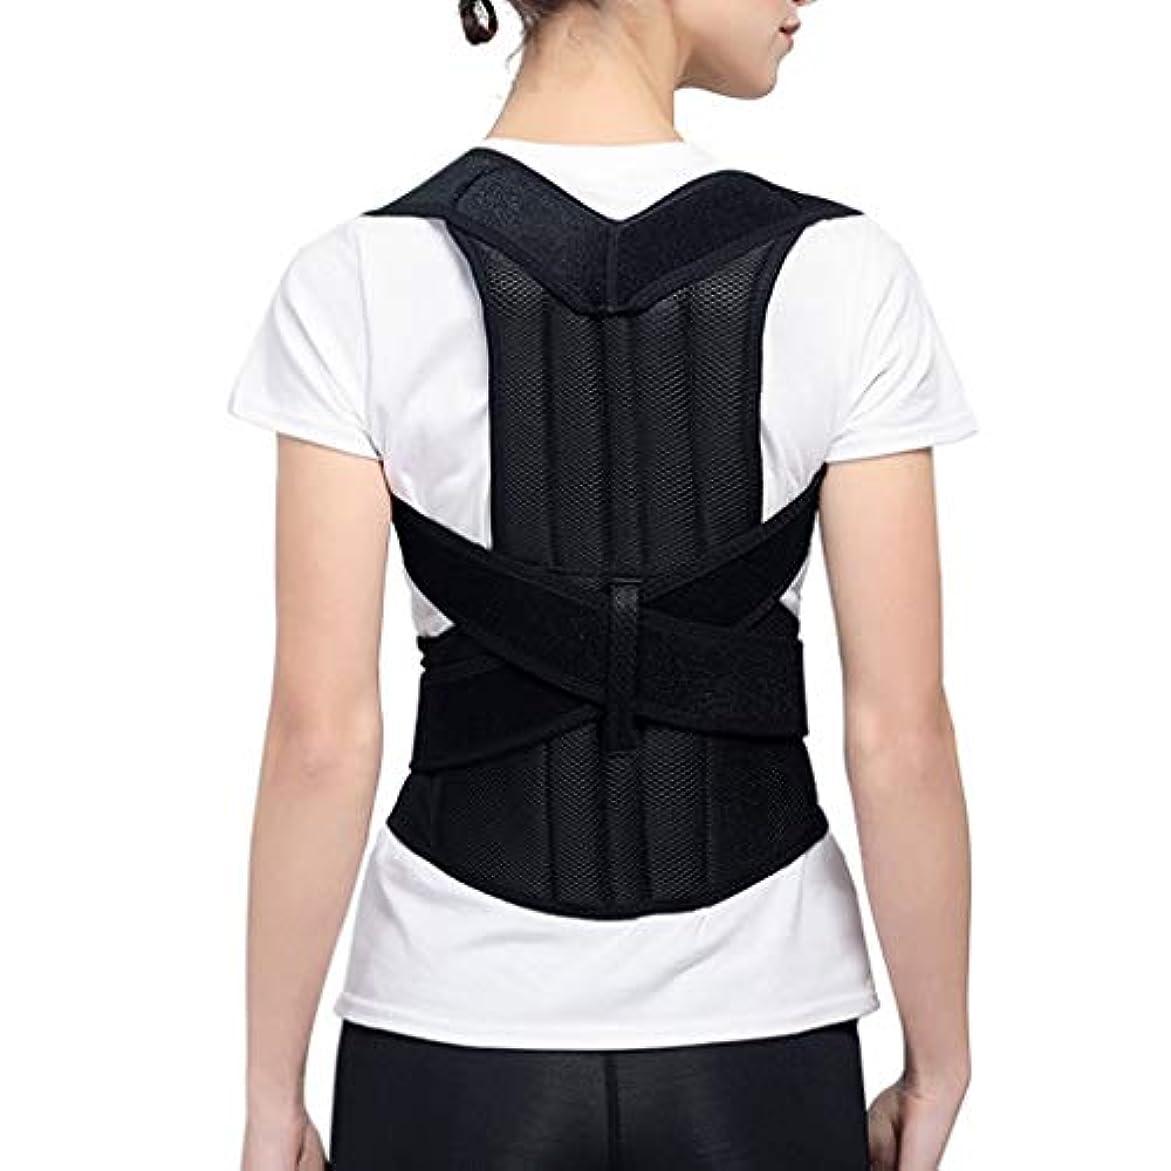 腰椎矯正ベルト脊椎固定ベルト座位姿勢矯正肩ストレッチ背中圧迫軽減通気性コンフォートキールサポート調節可能一般 (Size : L)